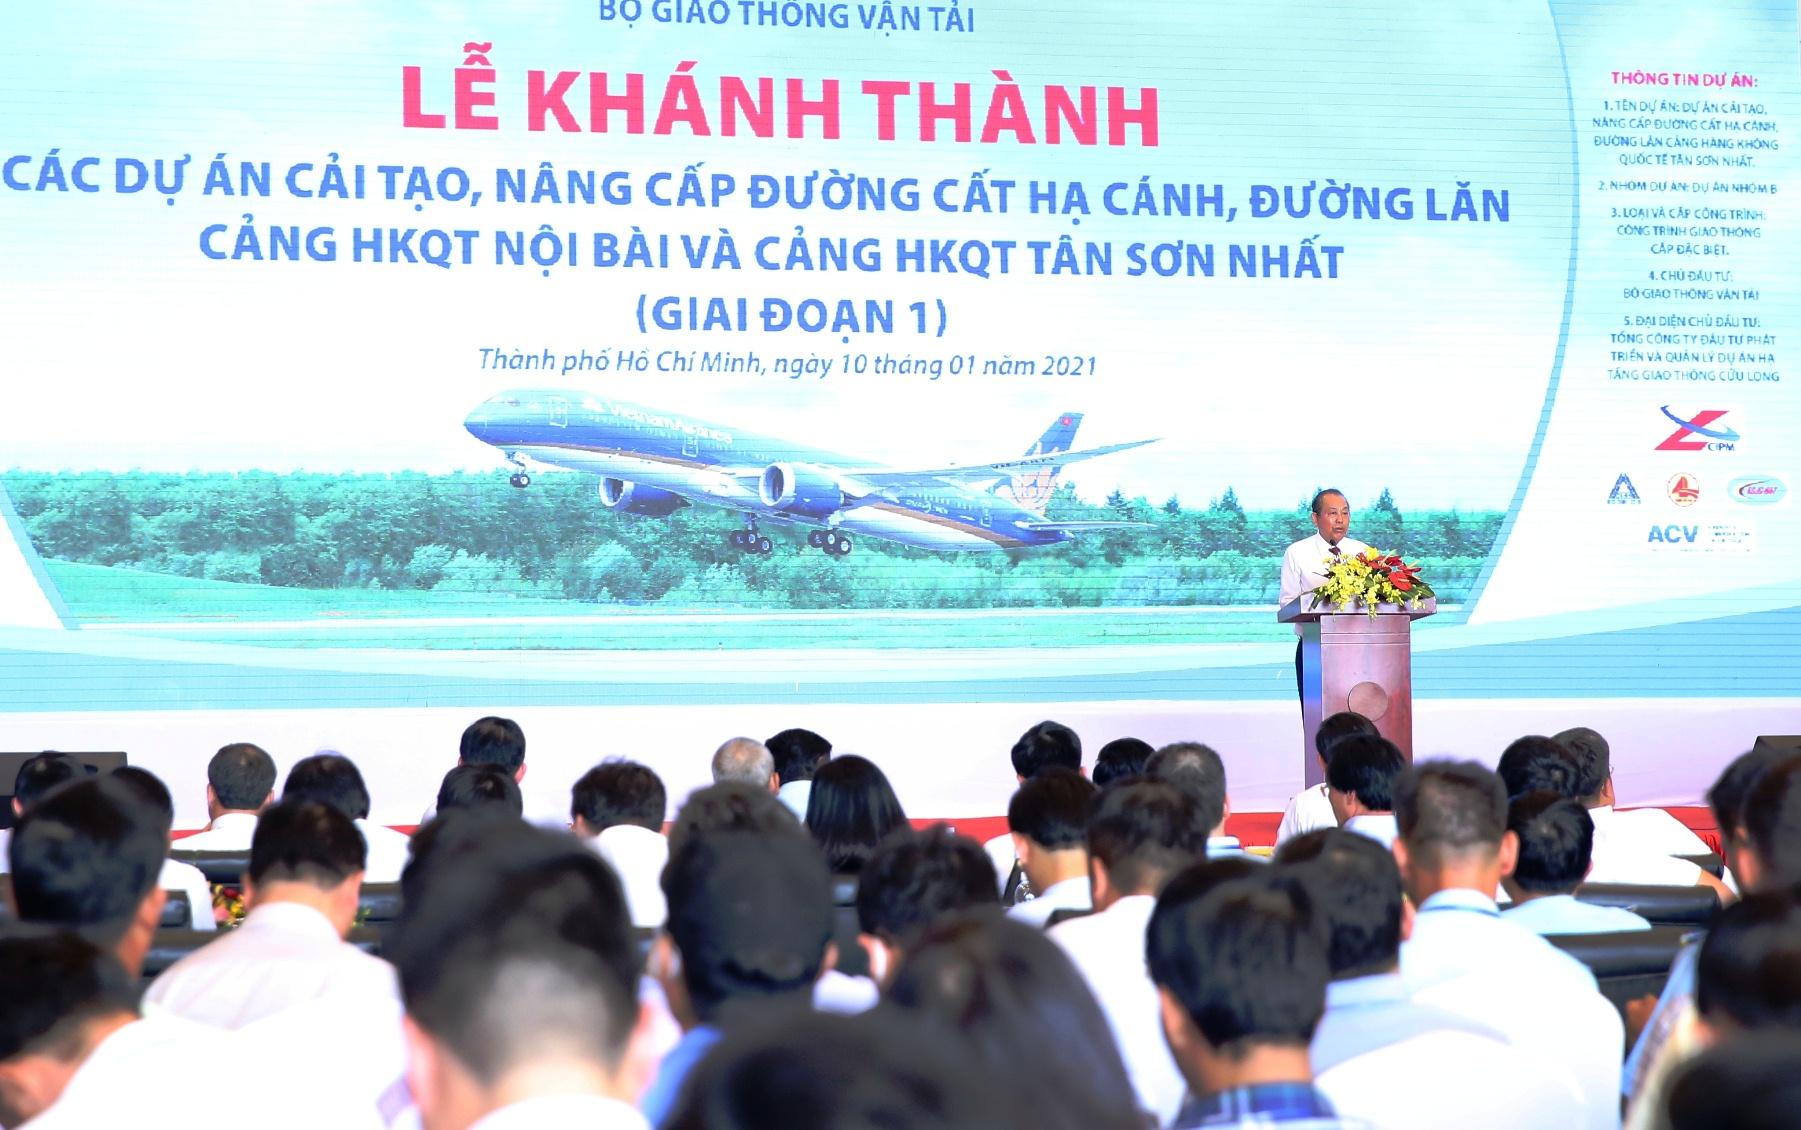 Khánh thành dự án cải tạo đường băng sân bay Tân Sơn Nhất và Nội Bài - Ảnh 1.